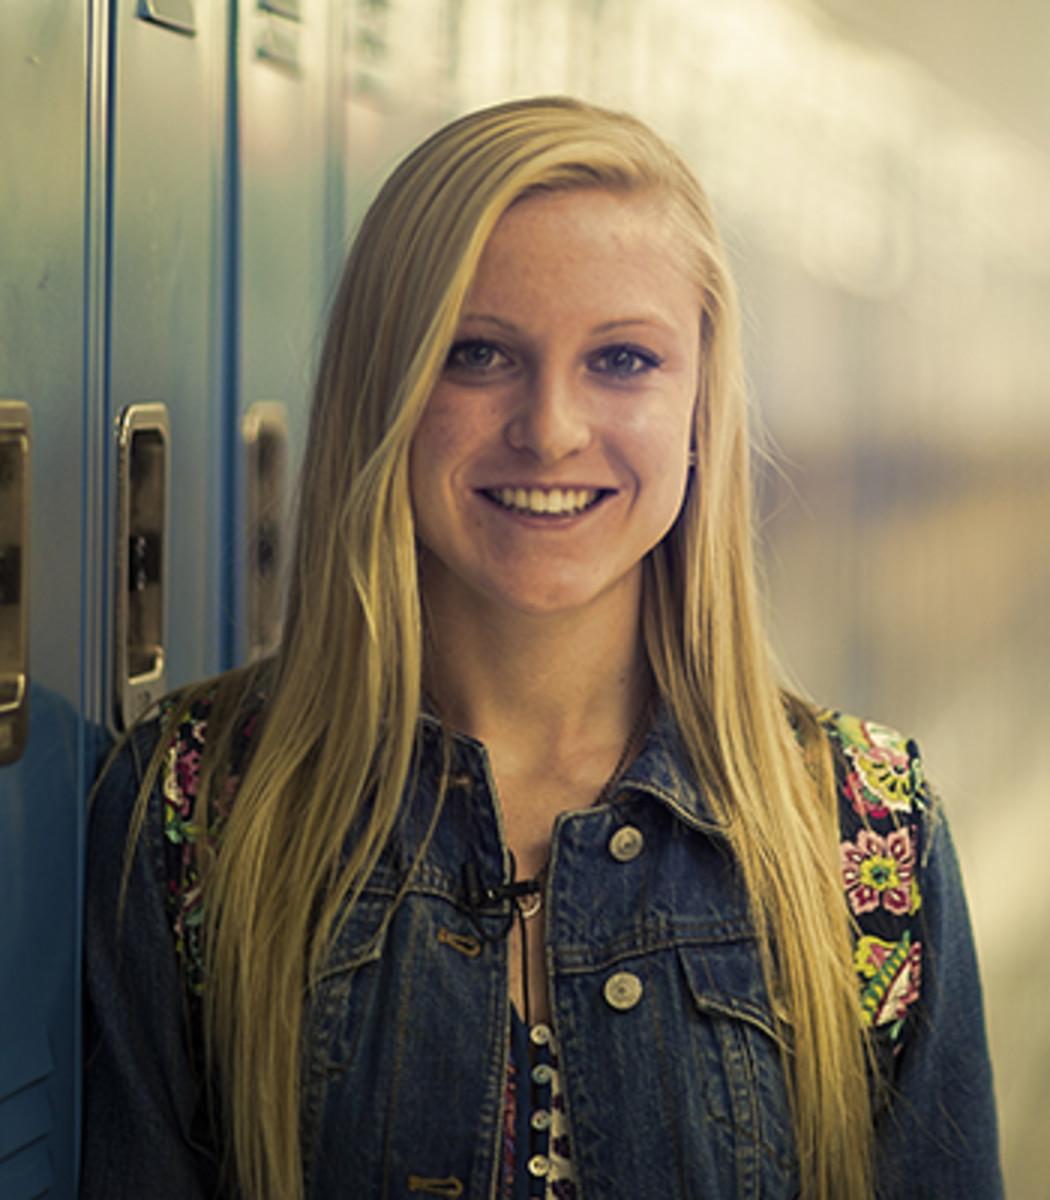 Lauren Van Vlierbergen high school heisman